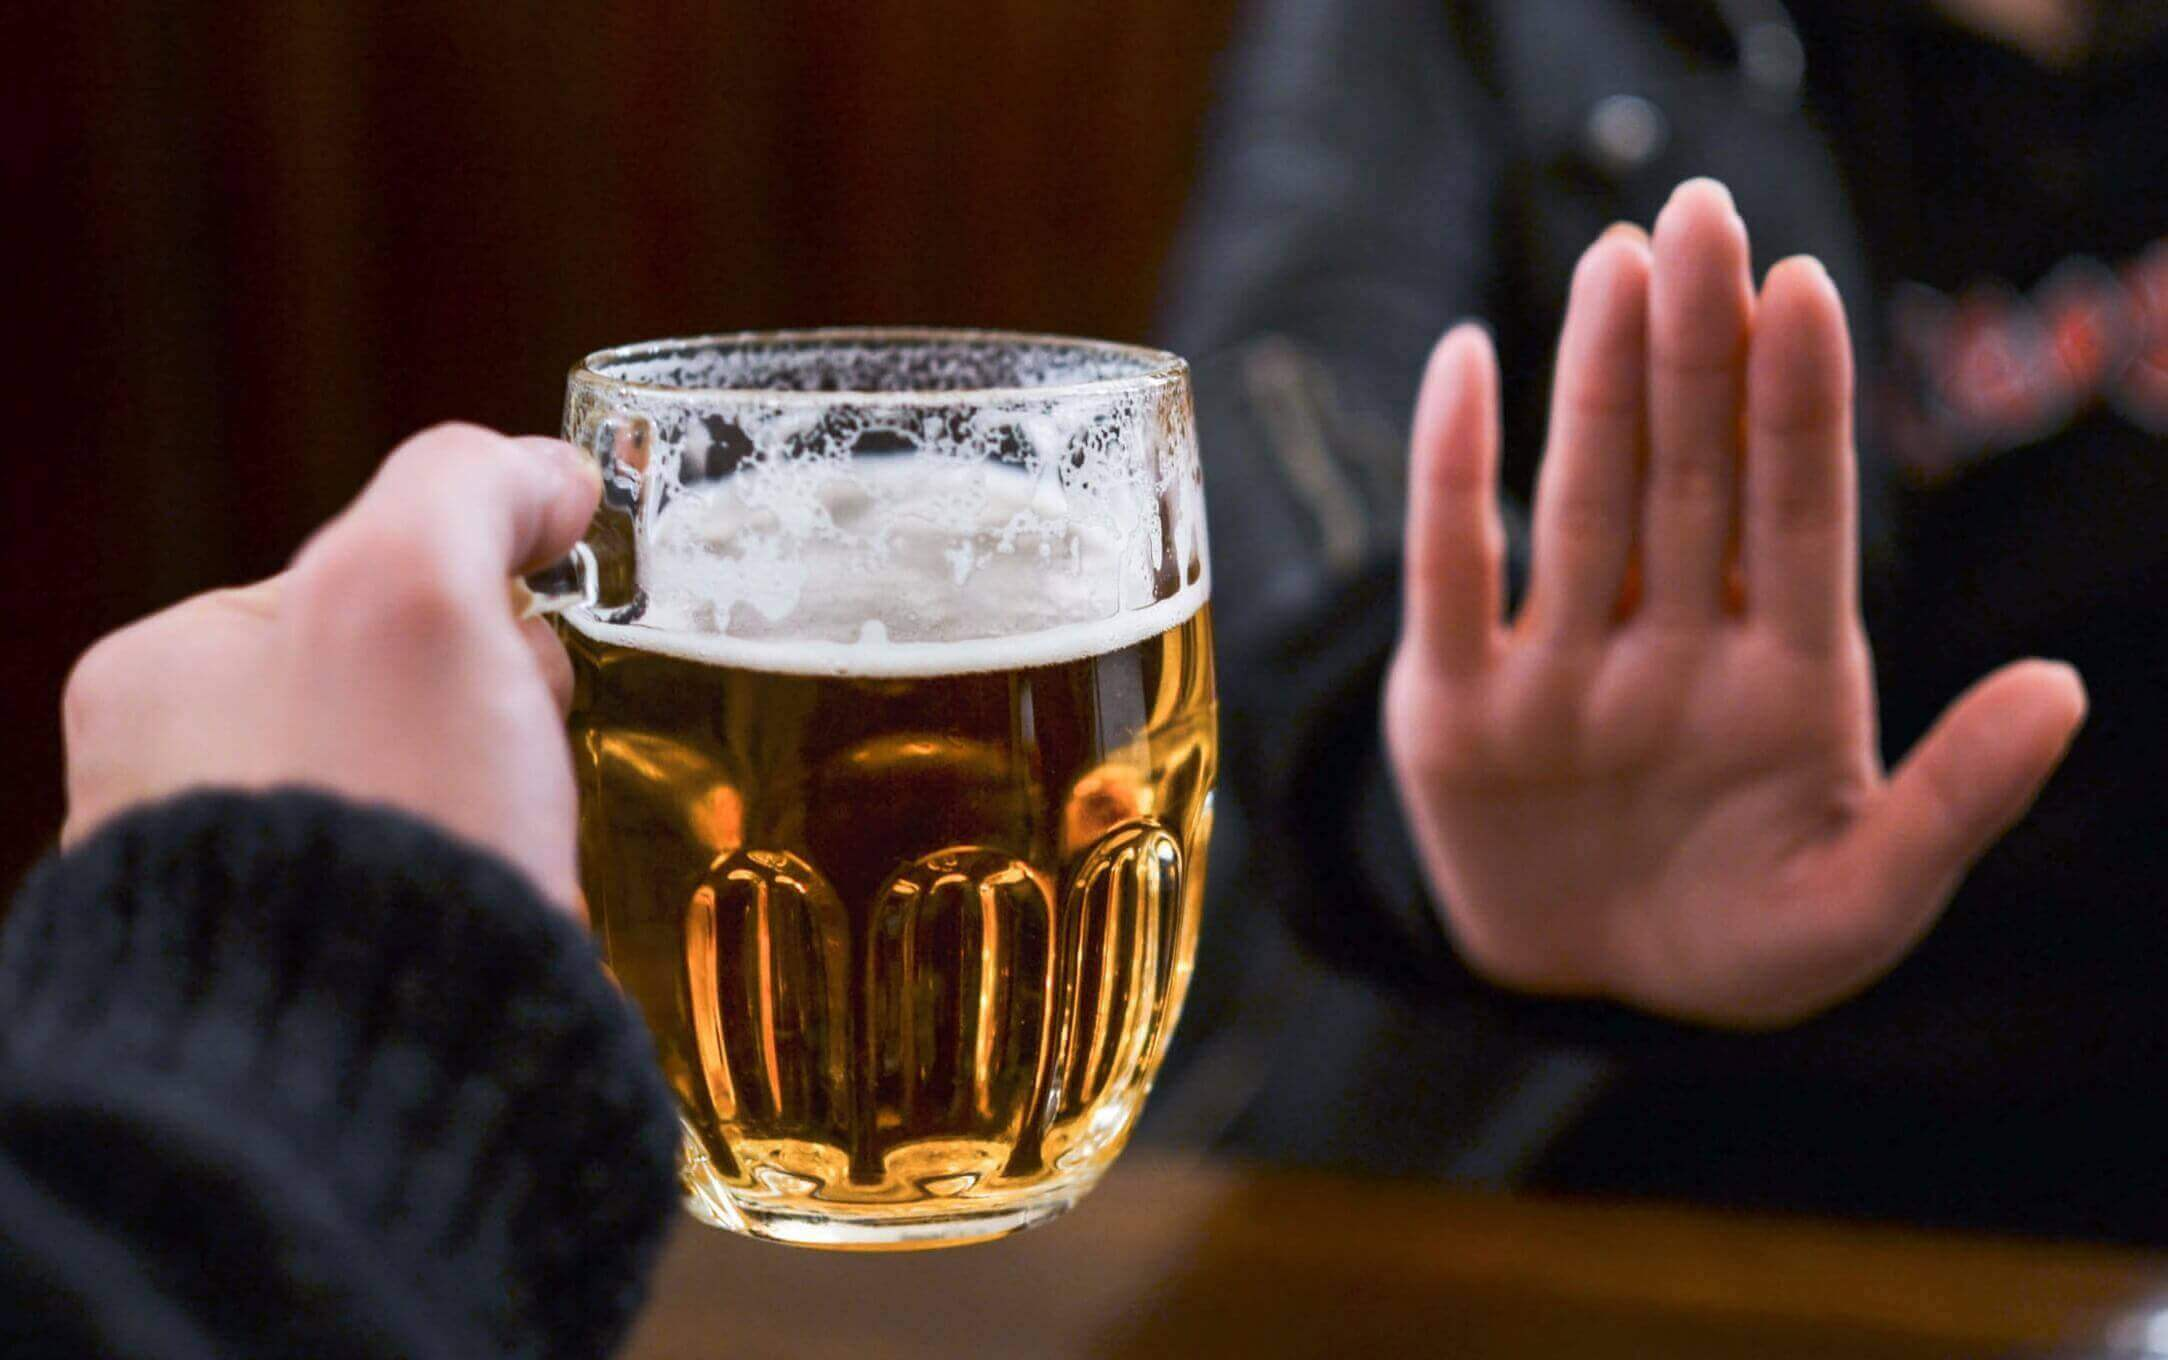 Karaciğer Detoks Diyeti alkol içmek yasaktır